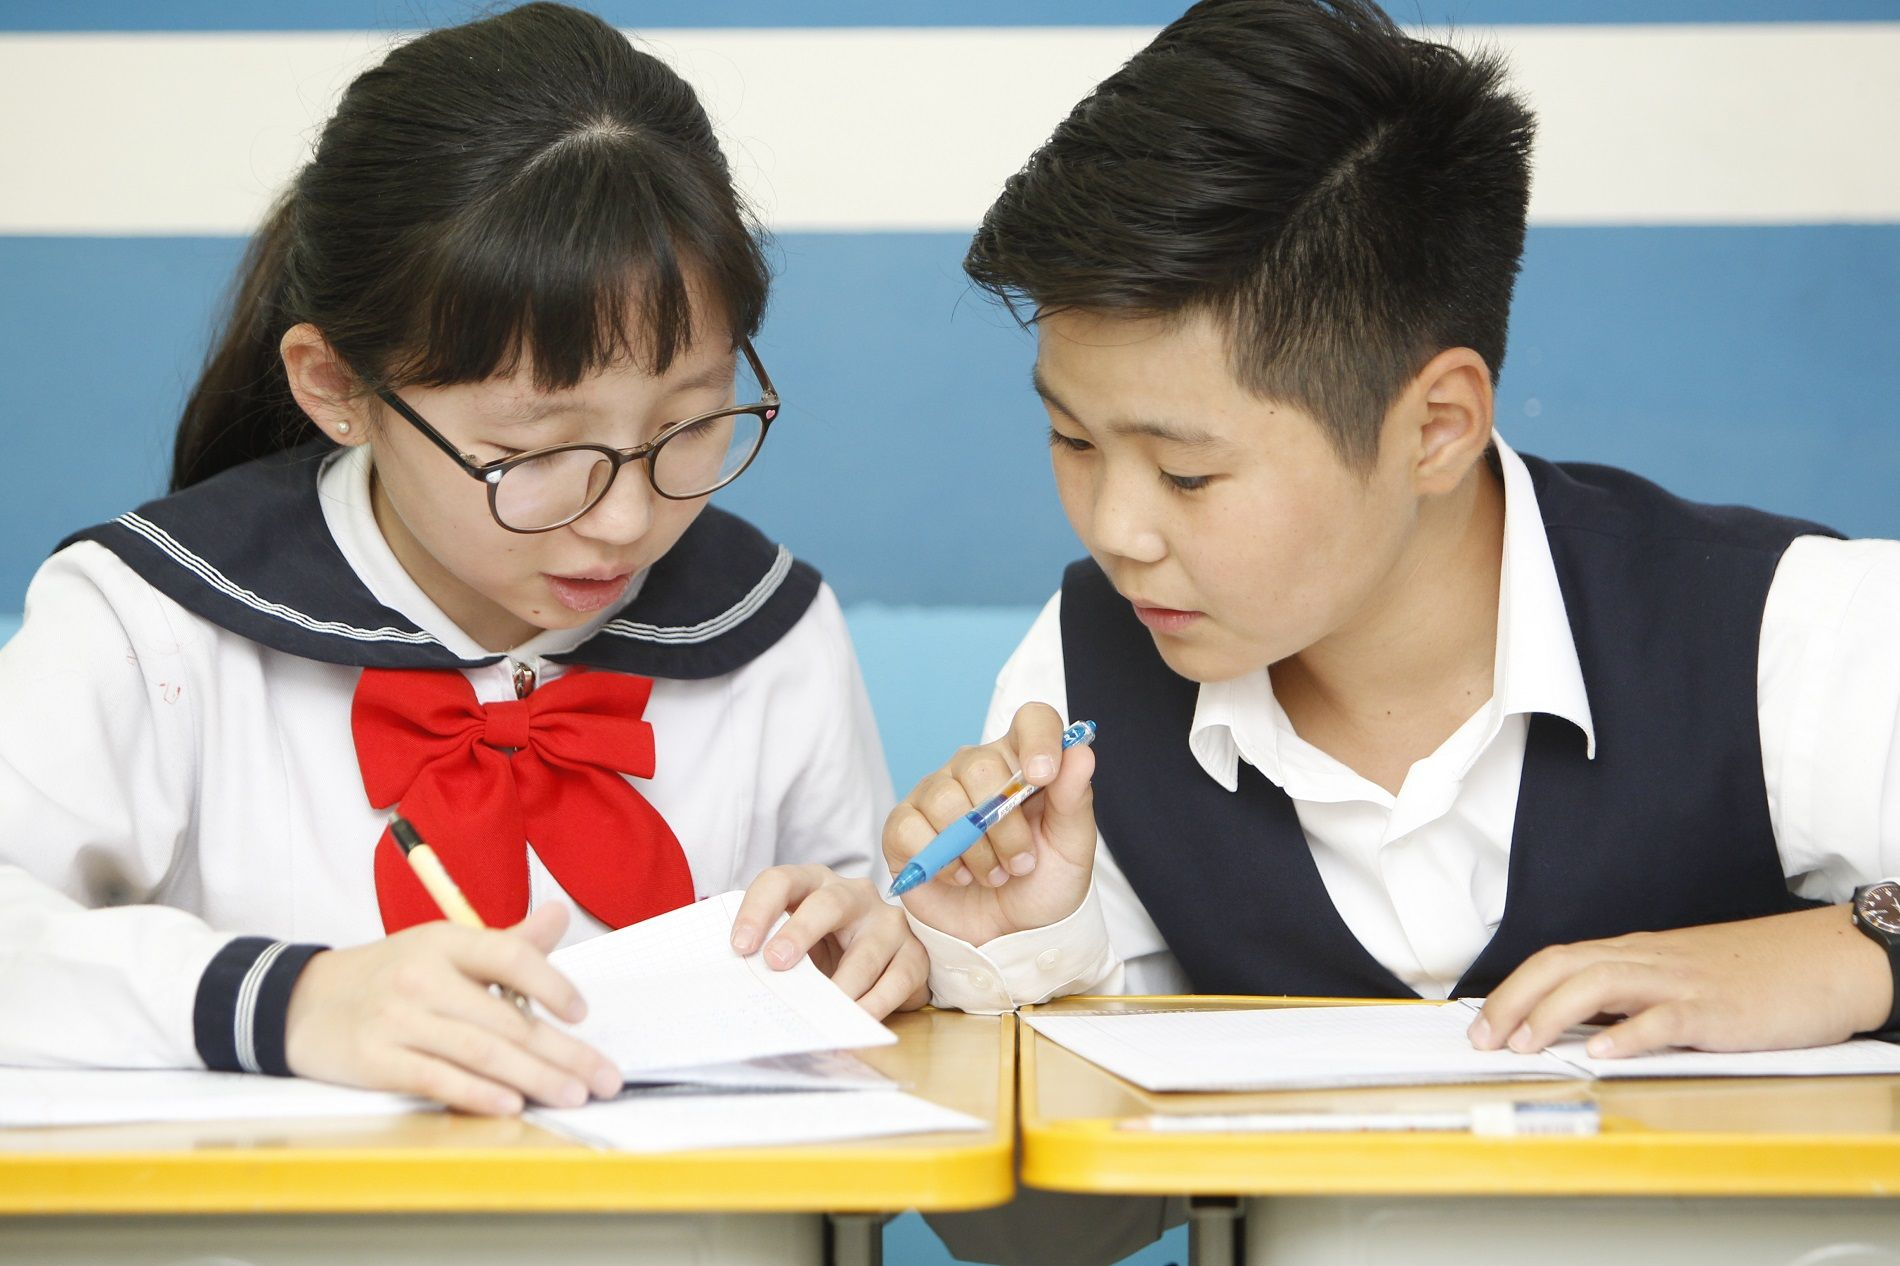 Сакура сургуулийн бага, дунд, ахлах ангиудын сургалтын онцлог